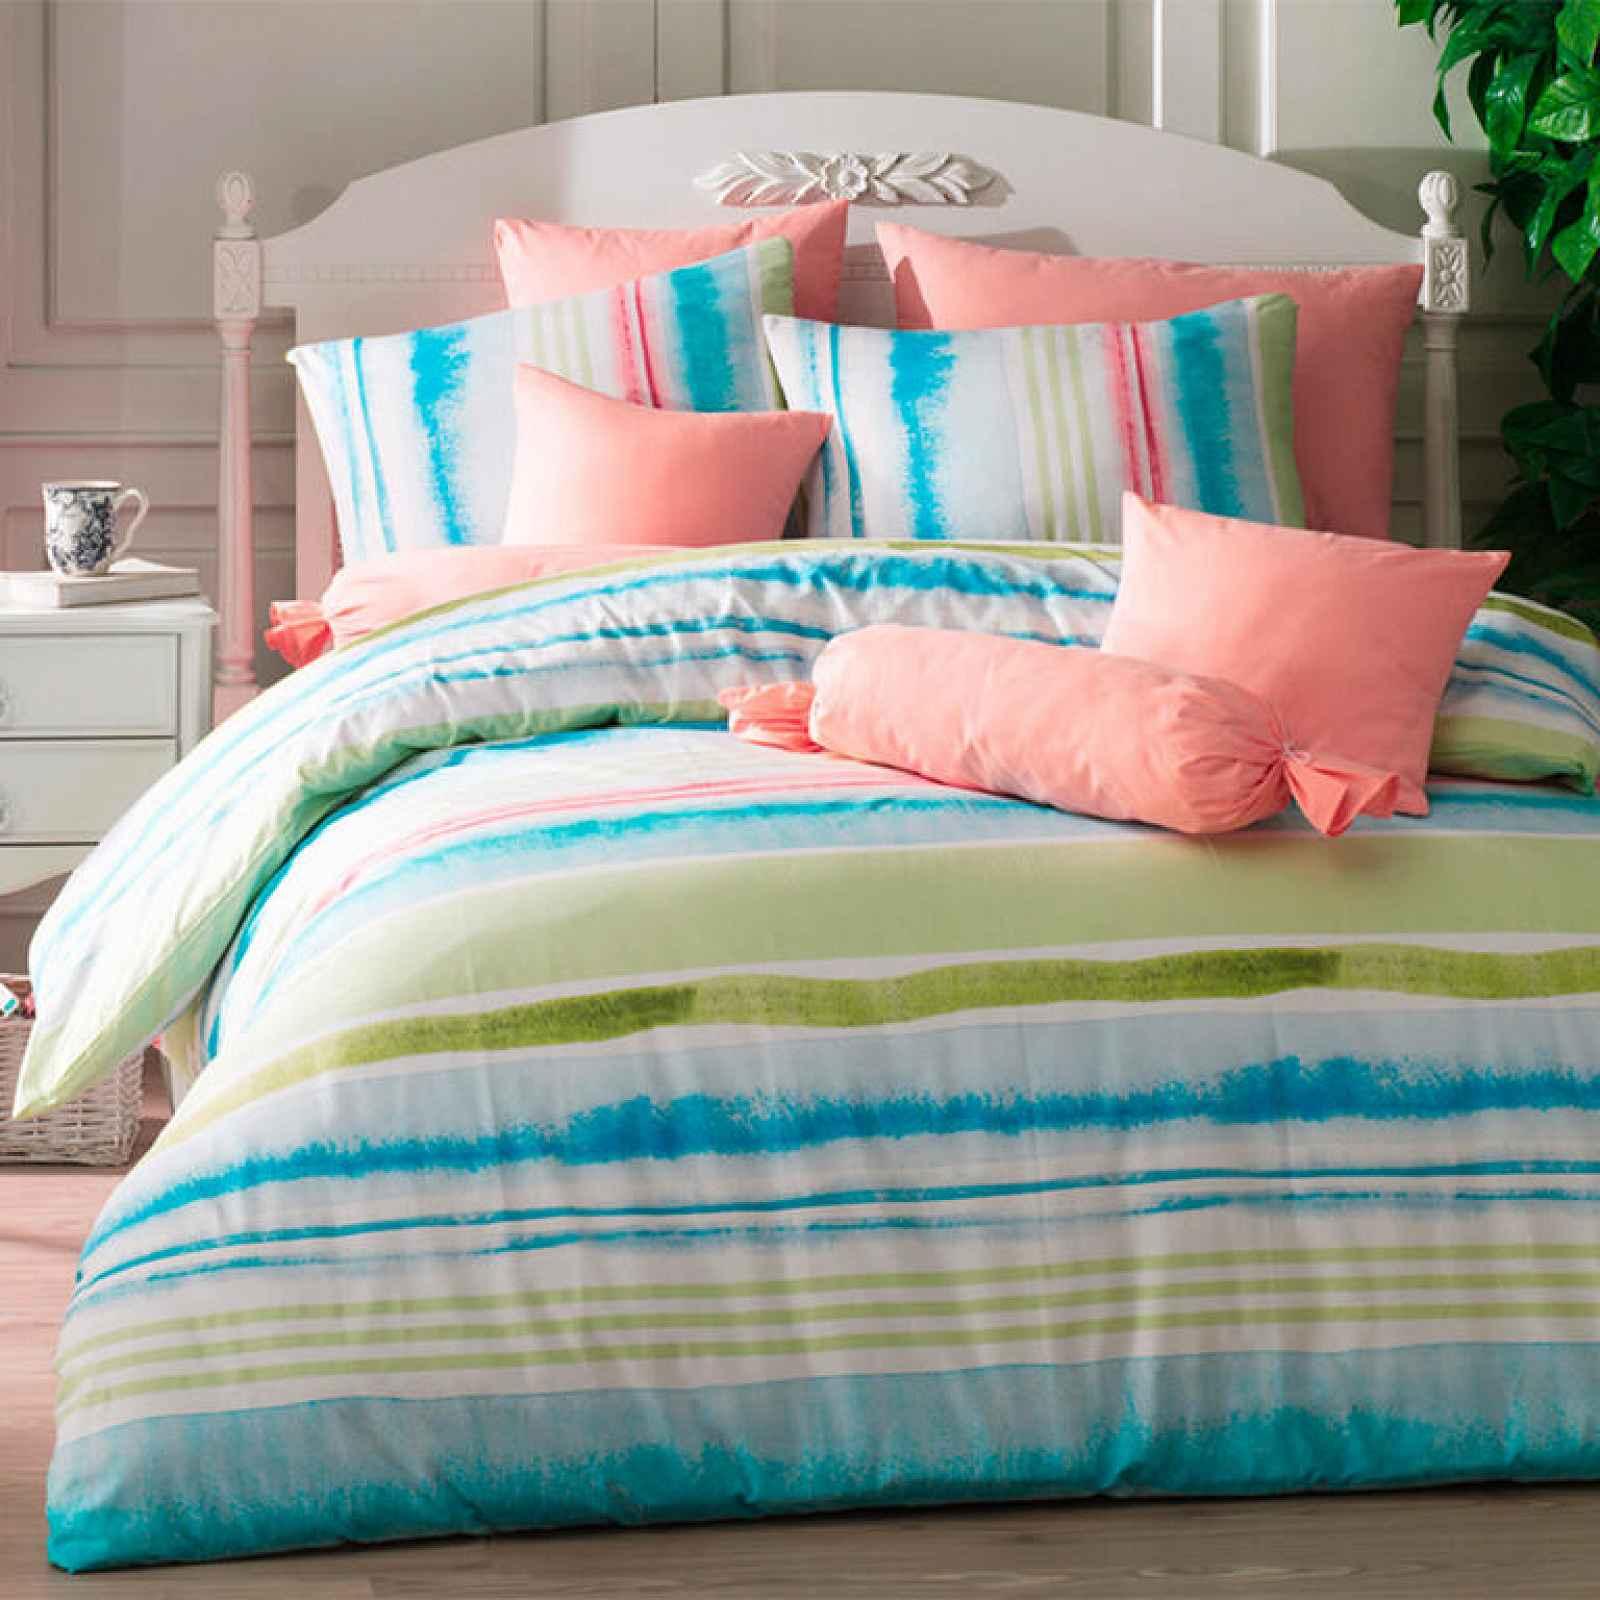 TipTrade bavlna povlečení Tempera Tyrkysové 200x220 2x70x90